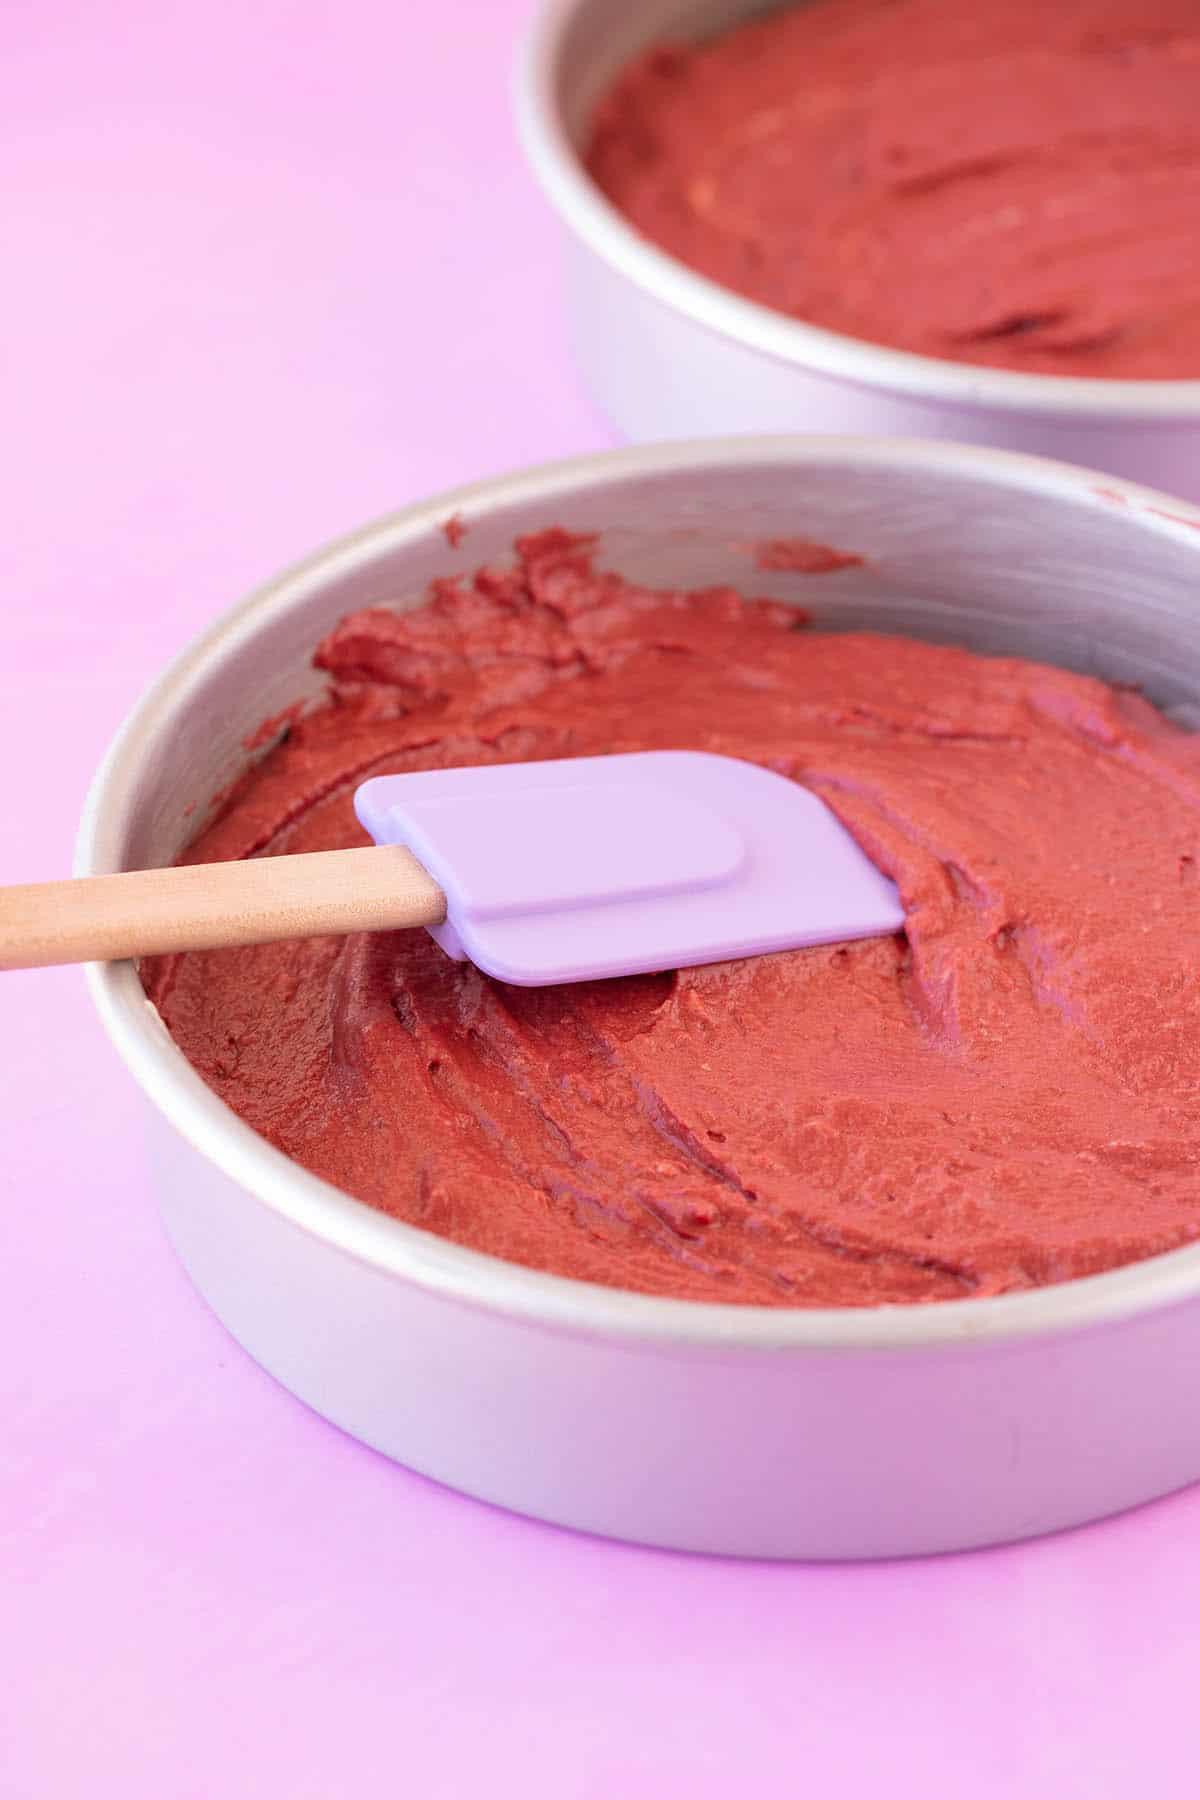 Cake pans filled with red velvet cake batter